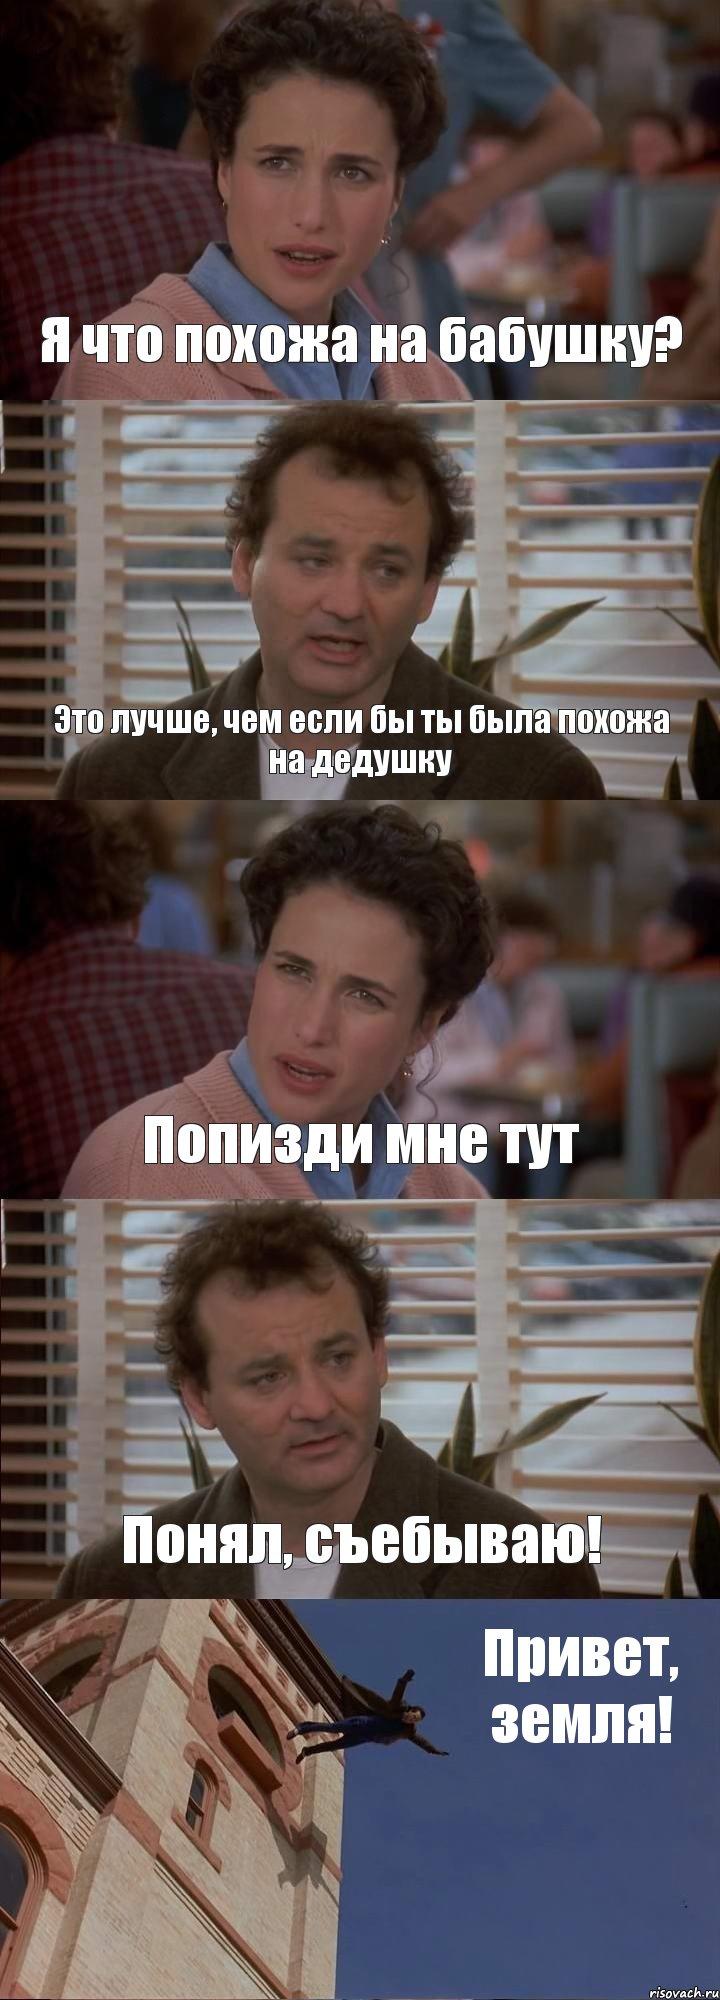 Ты была бы - Перевод на английский - примеры русский